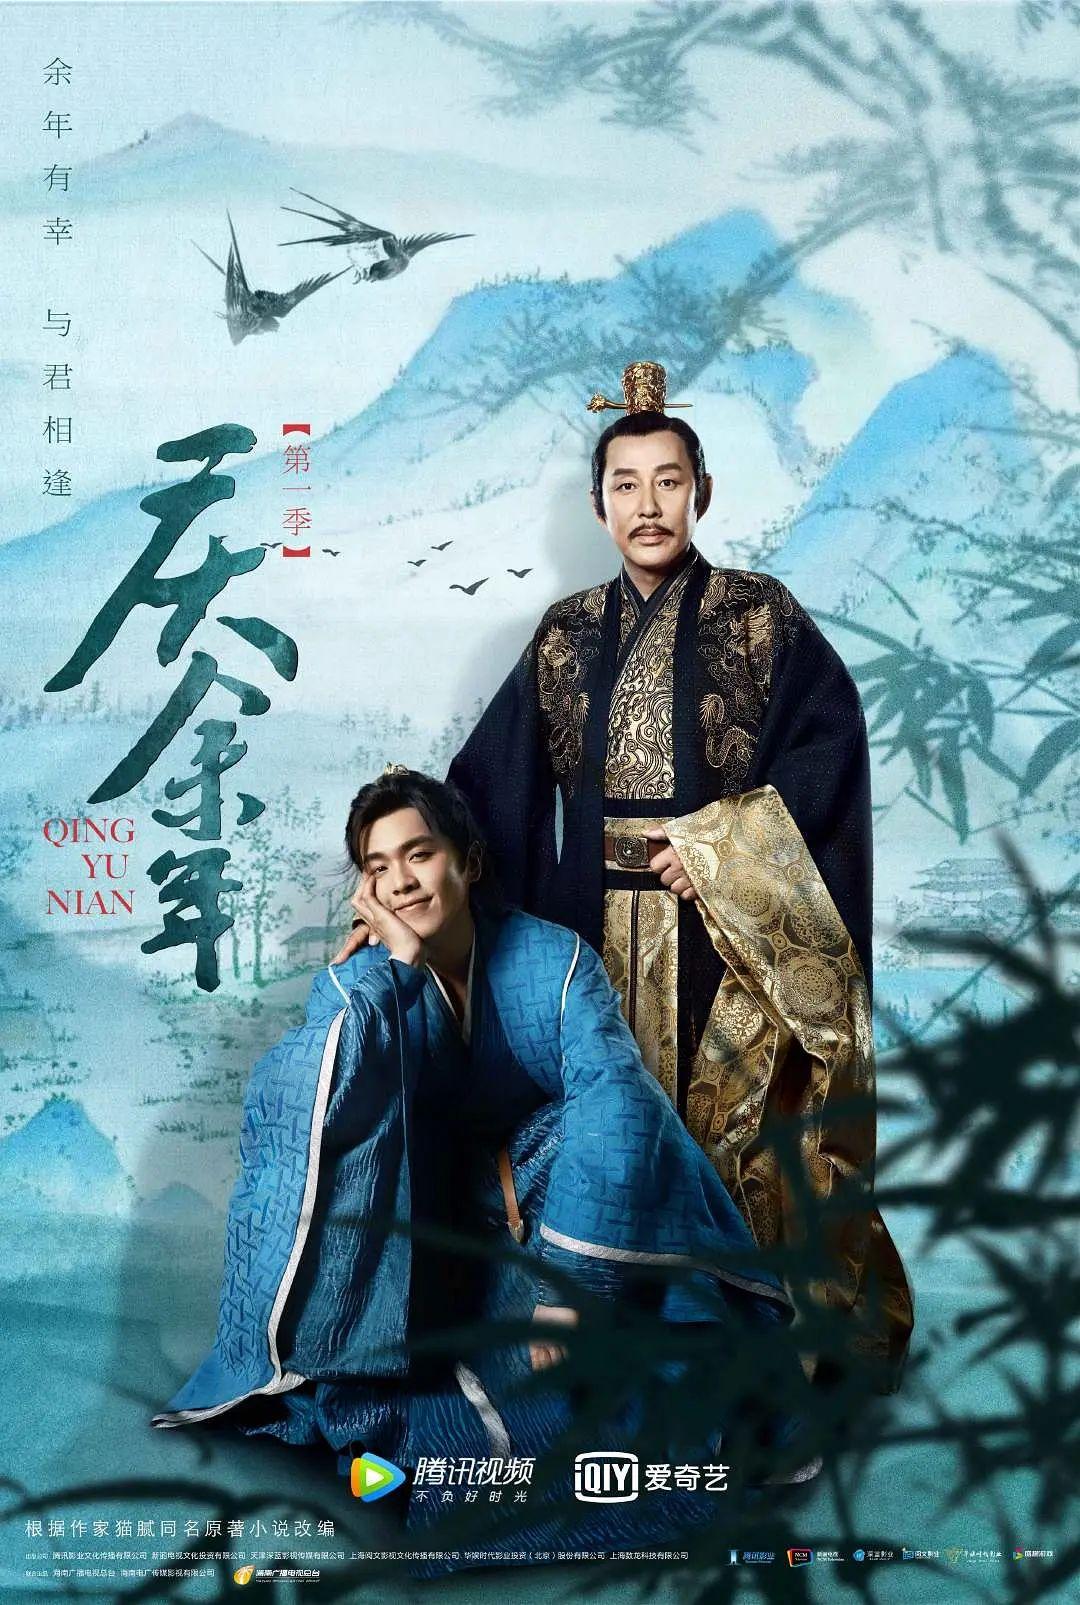 《慶余年》火了,孫皓導演的創作經了解一下